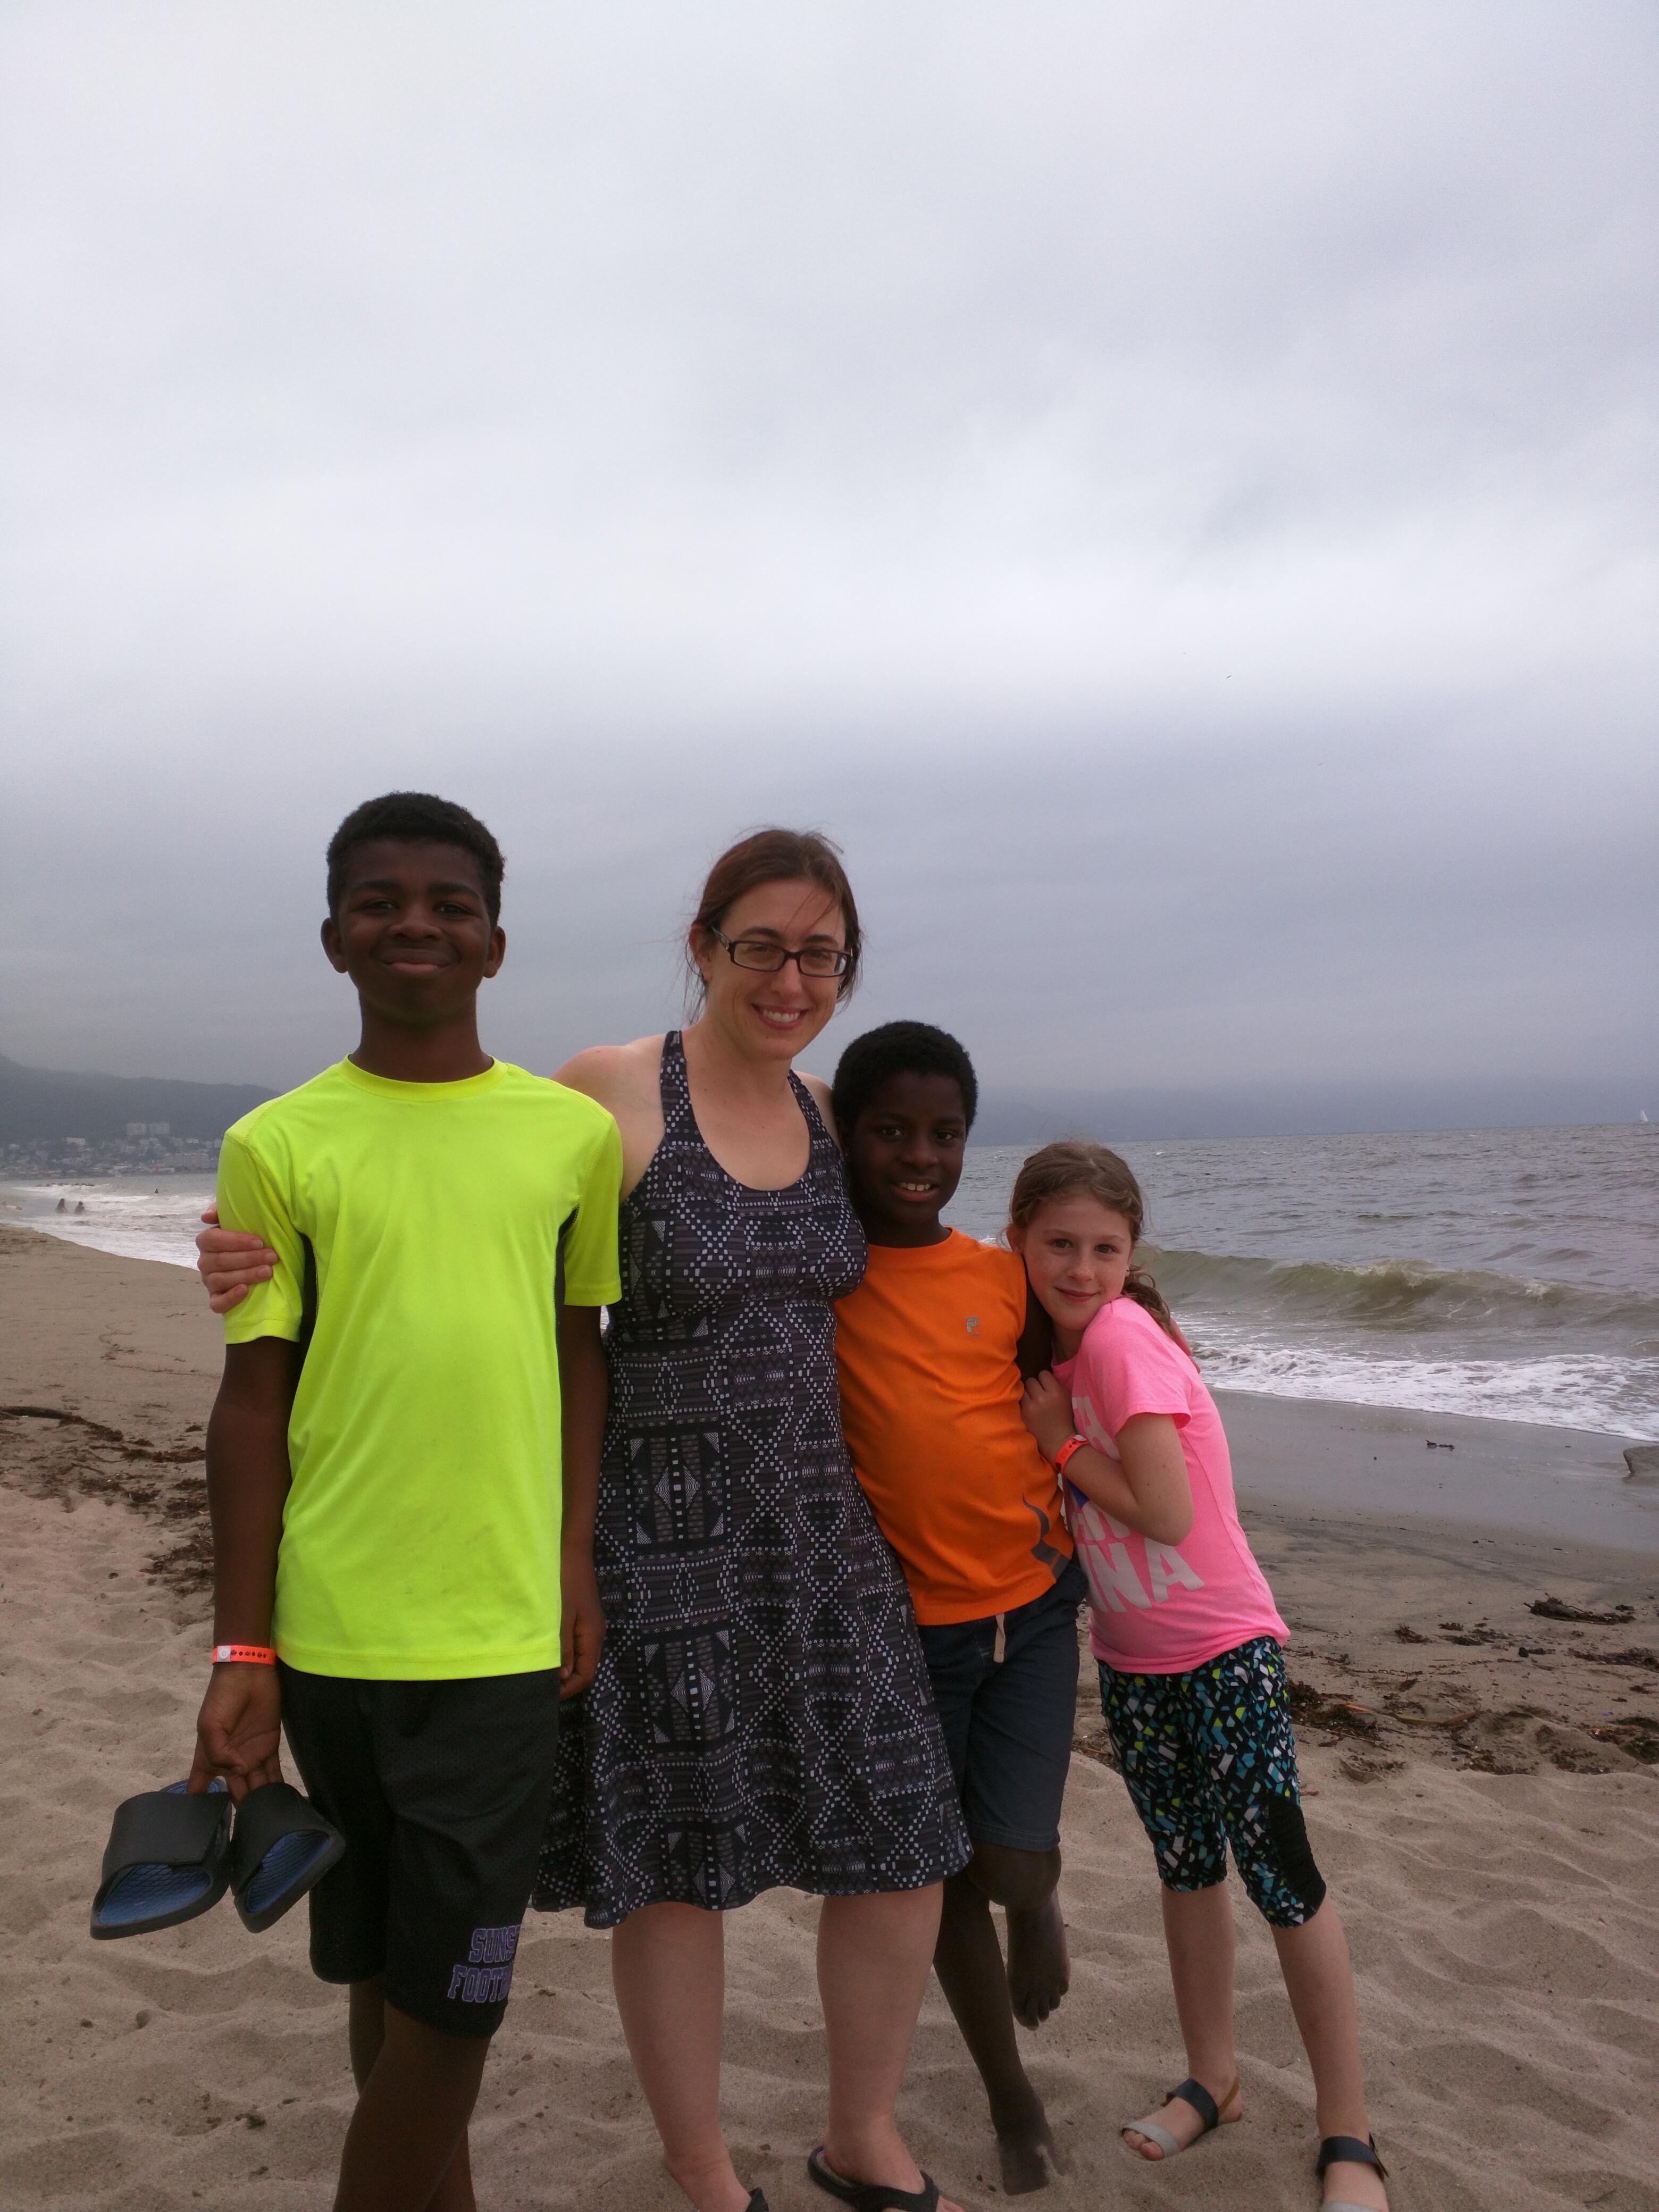 Betts vacation photo